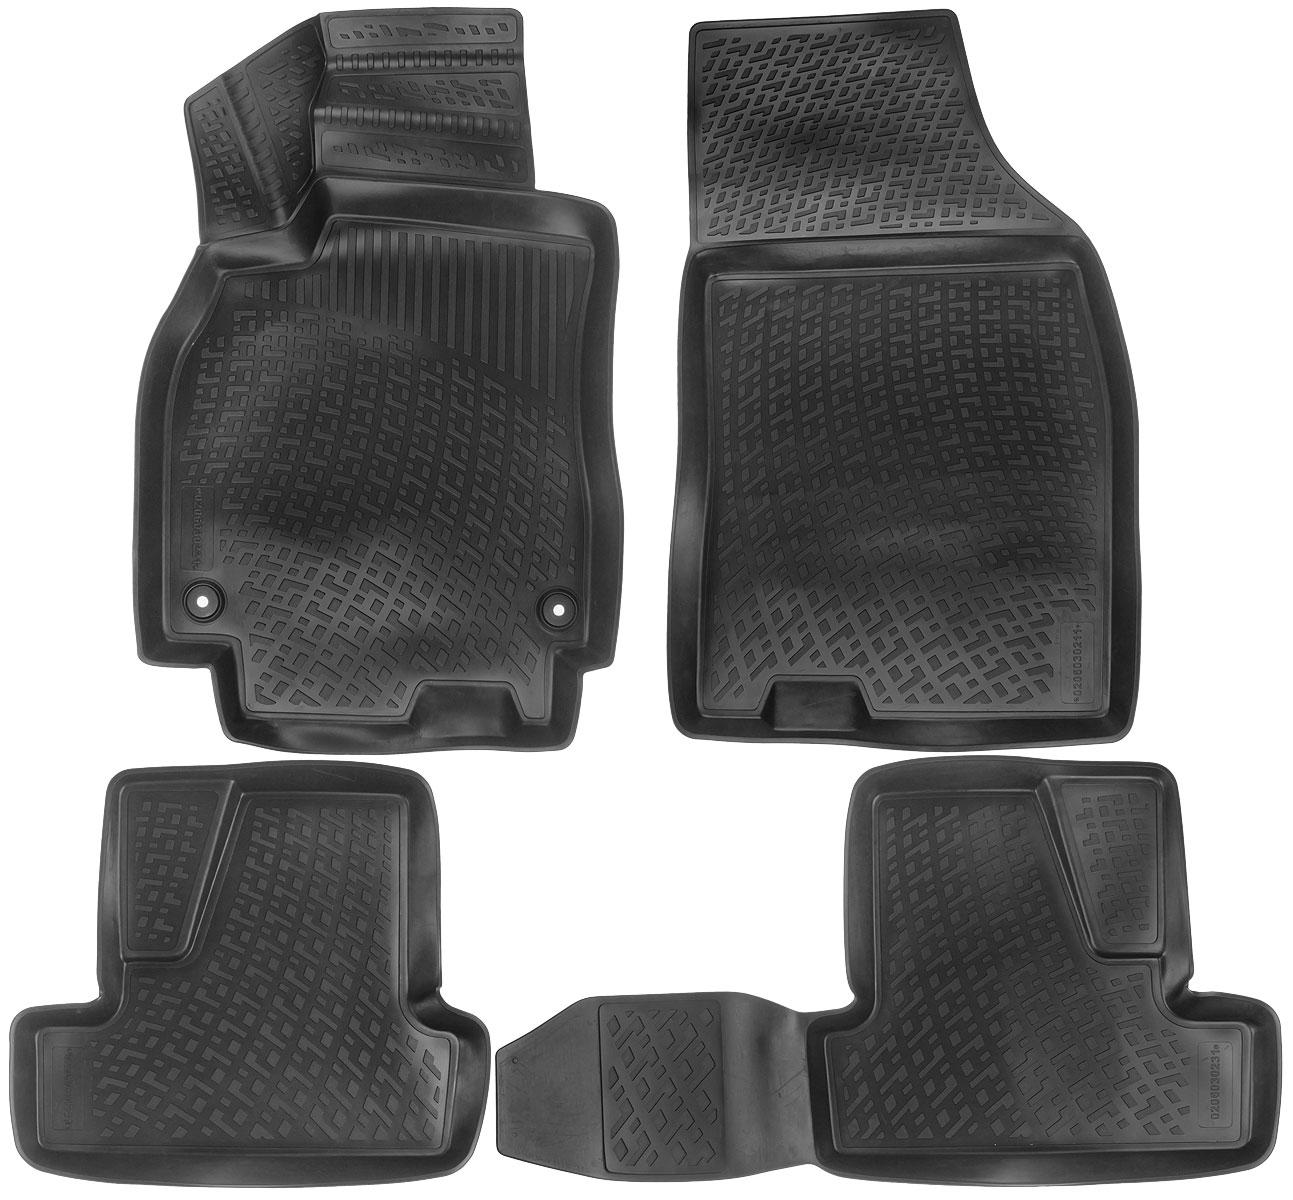 Набор автомобильных ковриков L.Locker Renault Megane III hb 2008, в салон, 4 шт0206030201Набор L.Locker Renault Megane III hb 2008, изготовленный из полиуретана, состоит из 4 антискользящих 3D ковриков, которые производятся индивидуально для каждой модели автомобиля. Изделие точно повторяет геометрию пола автомобиля, имеет высокий борт, обладает повышенной износоустойчивостью, лишено резкого запаха и сохраняет свои потребительские свойства в широком диапазоне температур от -50°С до +50°С. Набор подходит для автомобилей с 2008 года выпуска. Комплектация: 4 шт. Размер ковриков: 87 см х 57 см; 55 см х 50 см; 92 см х 50 см; 91 см х 57 см.